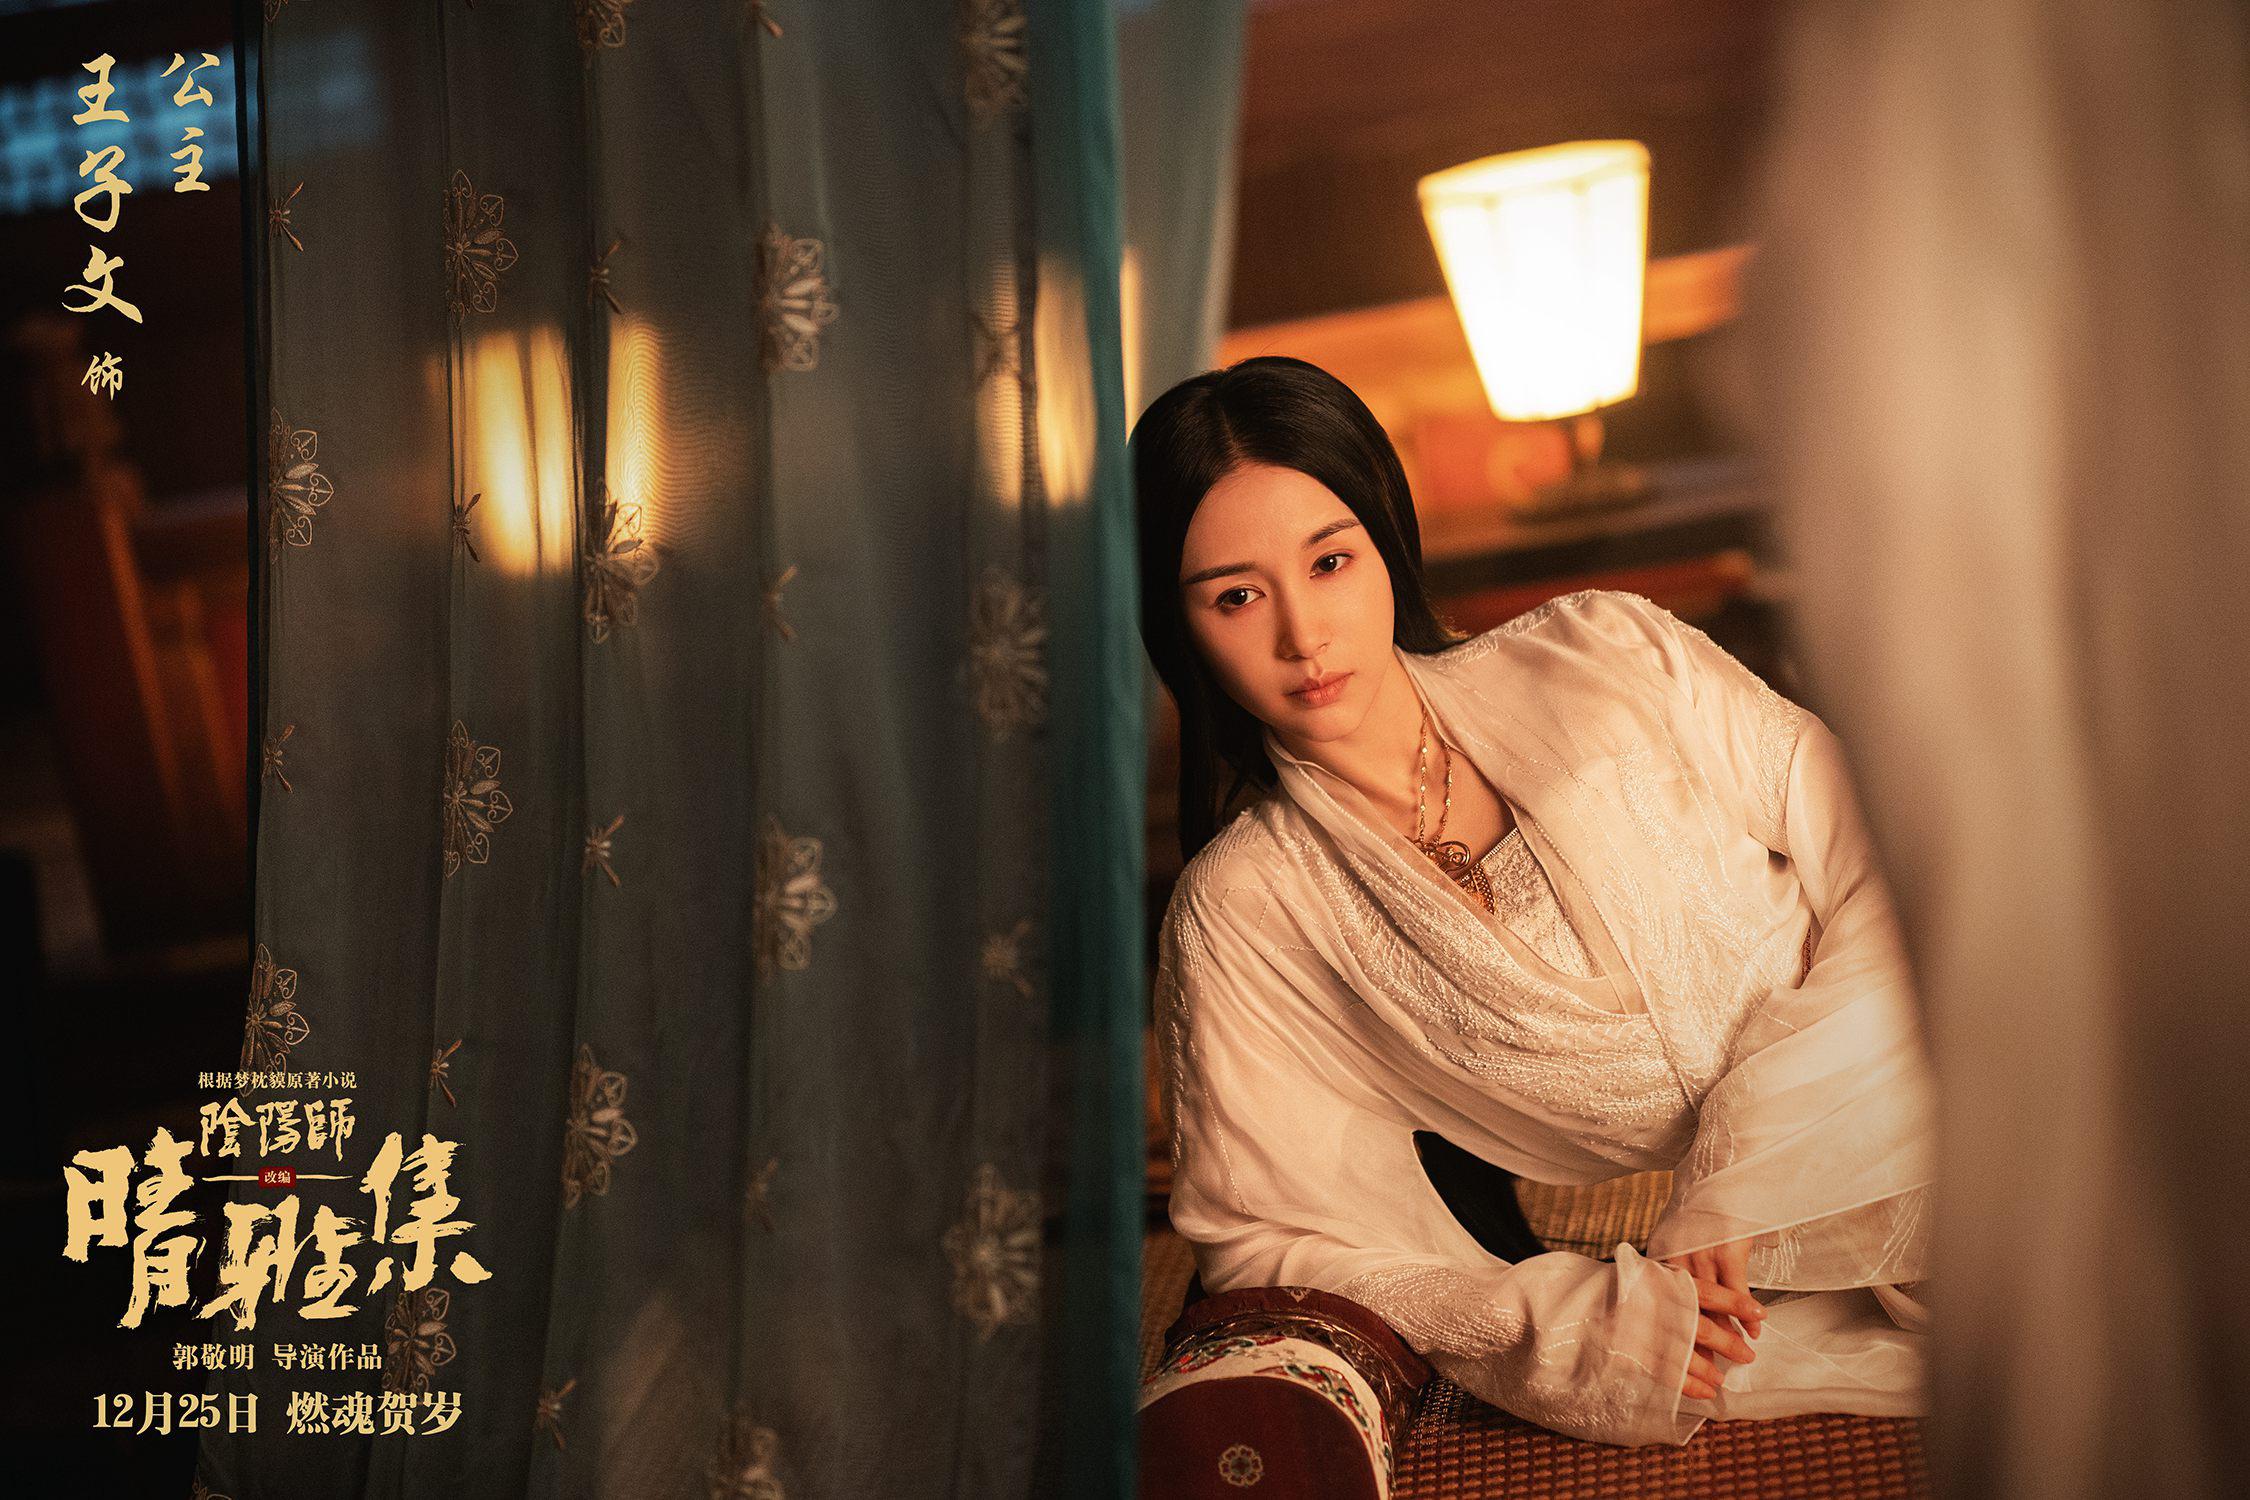 《晴雅集》新剧照质感超标 赵又廷邓伦宛如画中人 第4张